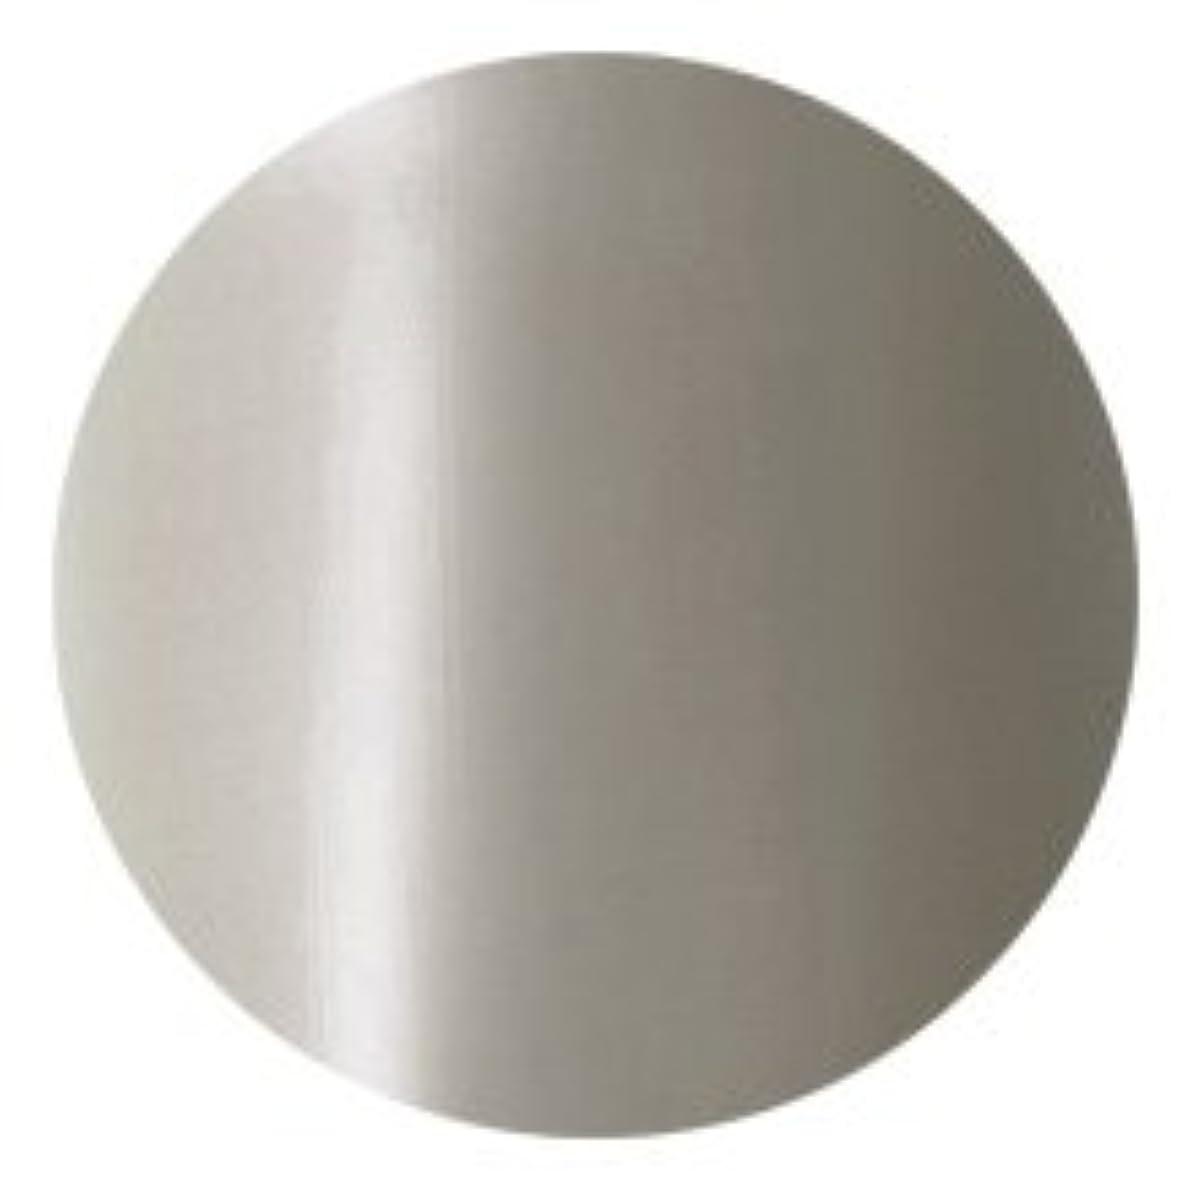 サーバ犠牲評決Fleurir Color Gel M40 アッシュグレー(tat100493)